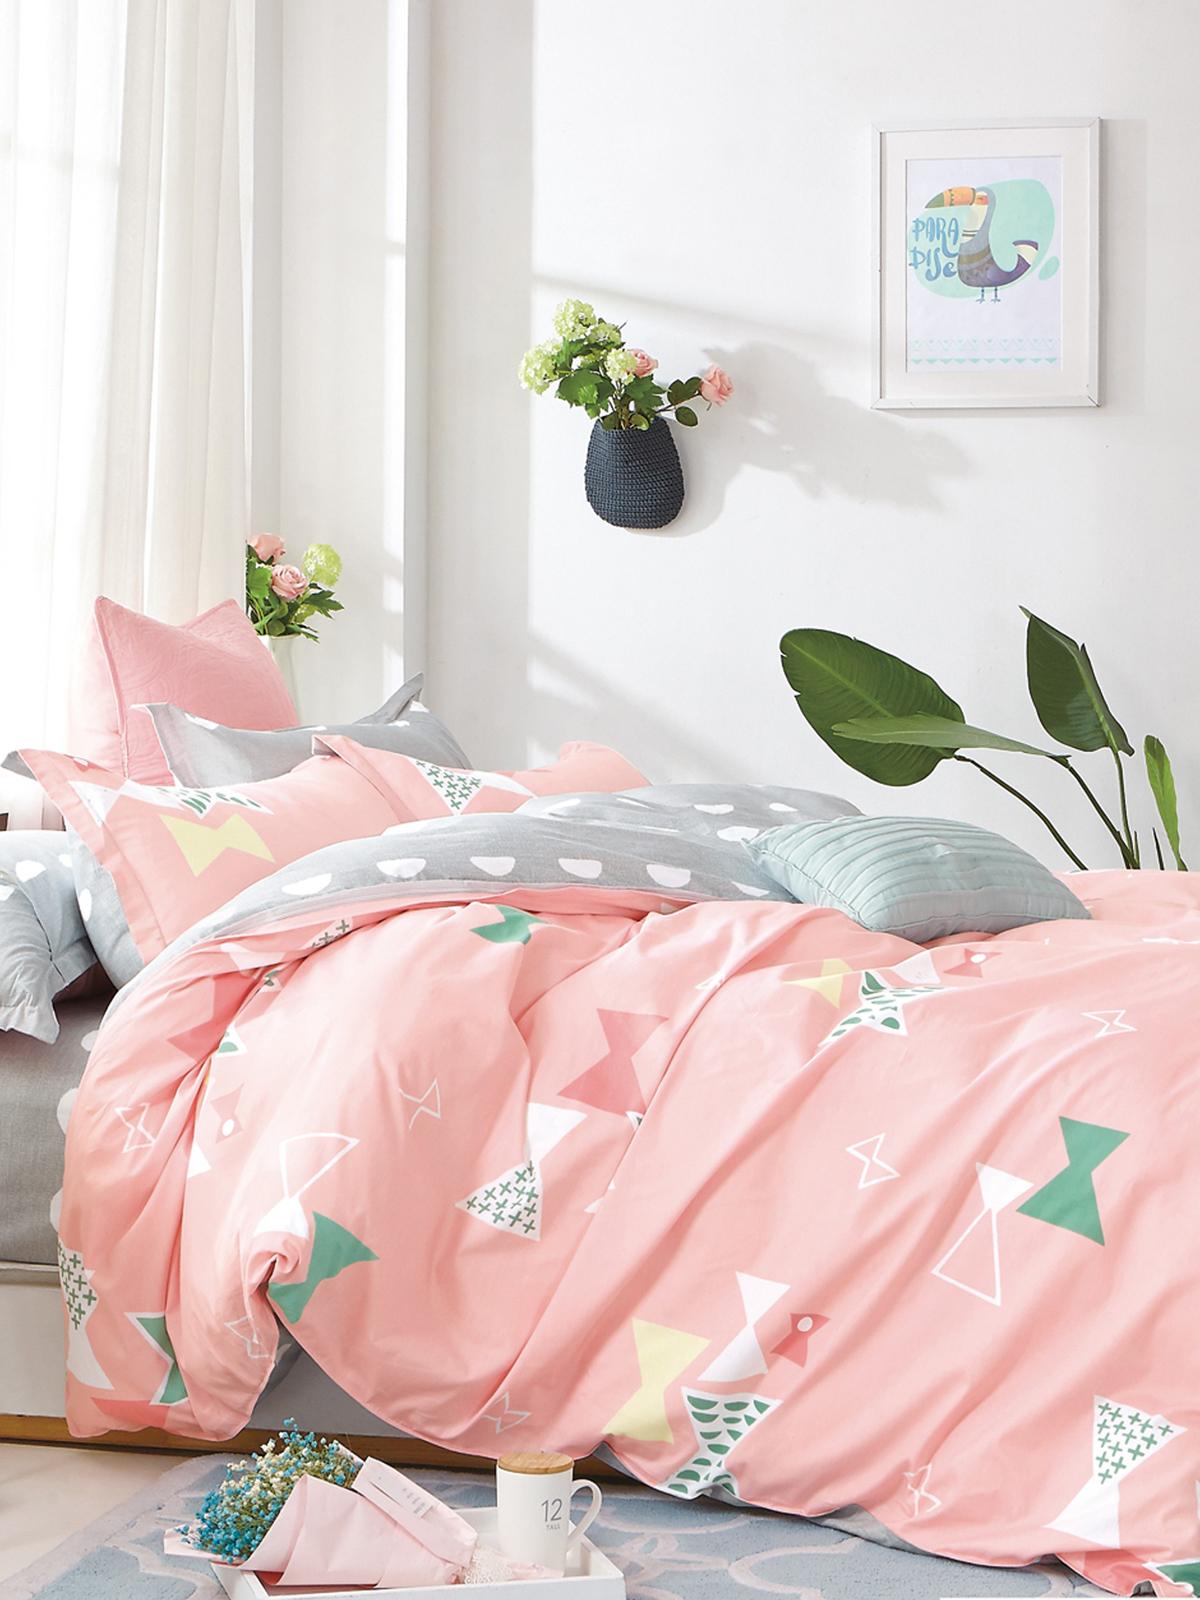 Комплект постельного белья Dream Time BLK-46-SP-419-1C постельное белье dream time blk 46 sp 337 1 2c 3 предмета